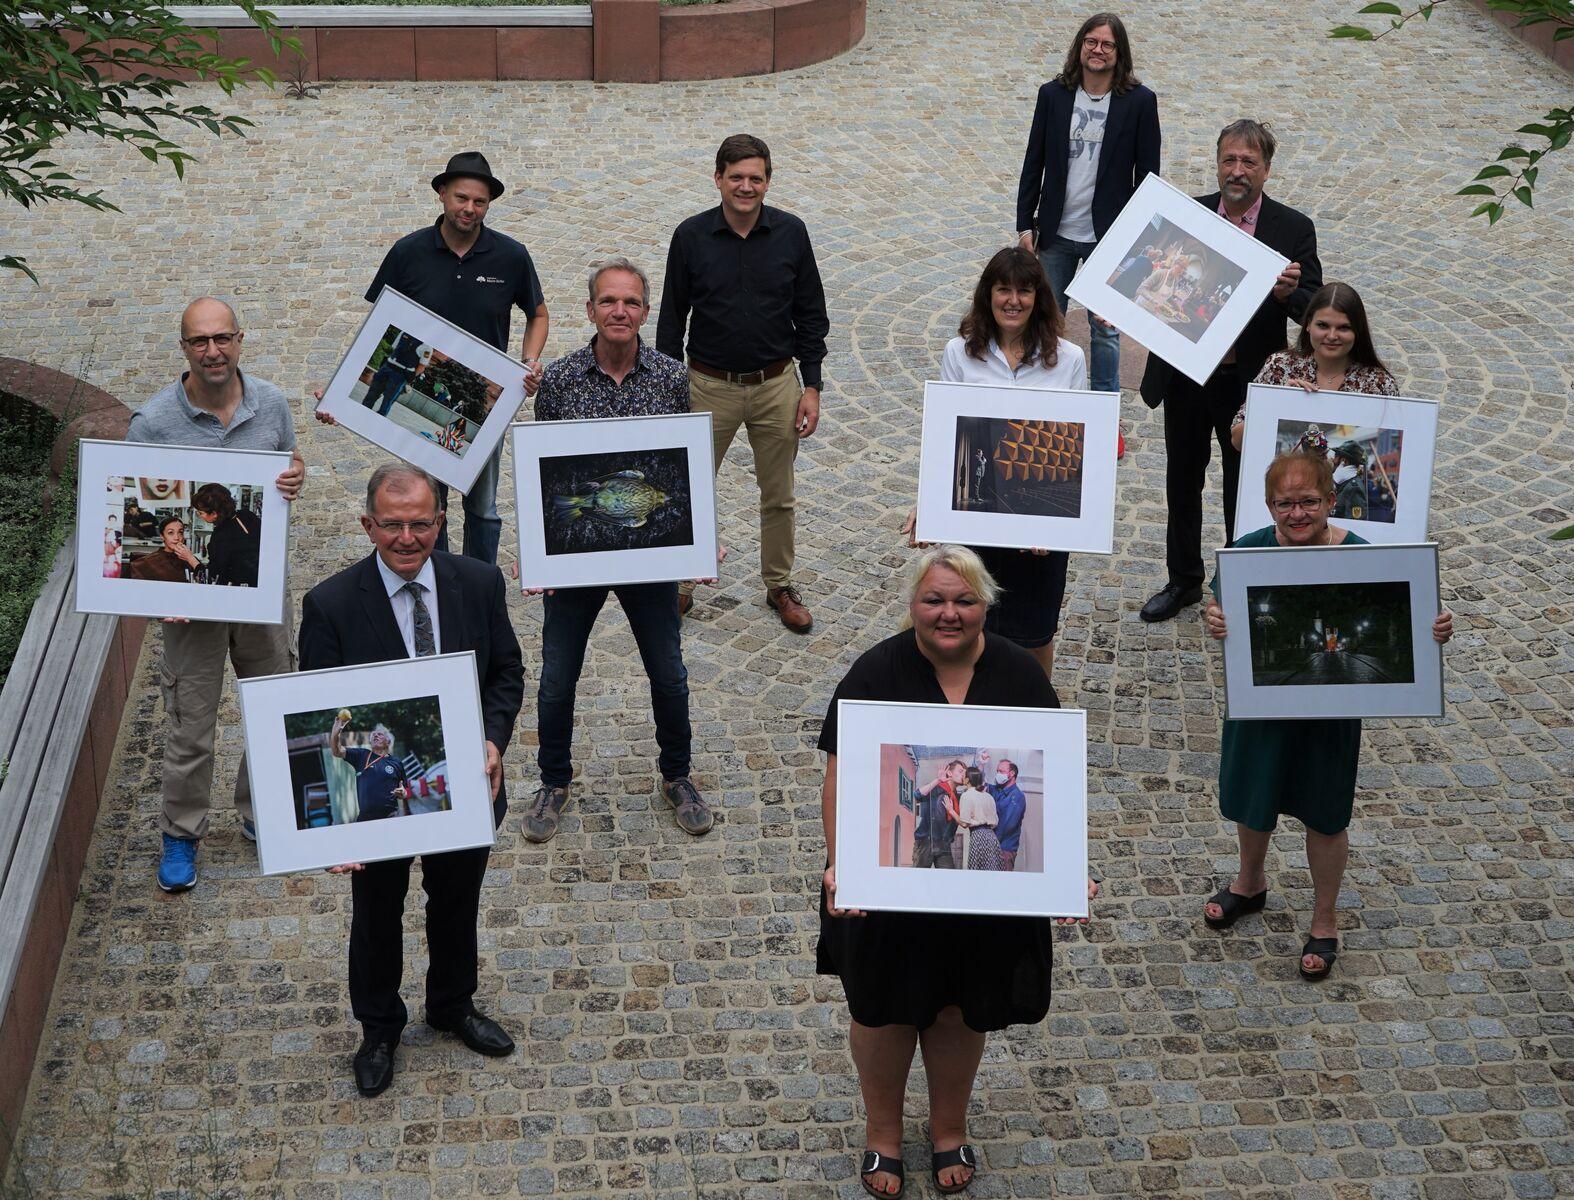 Die Gewinner des Wettbewerbs zeigen stolz ihre Bilder